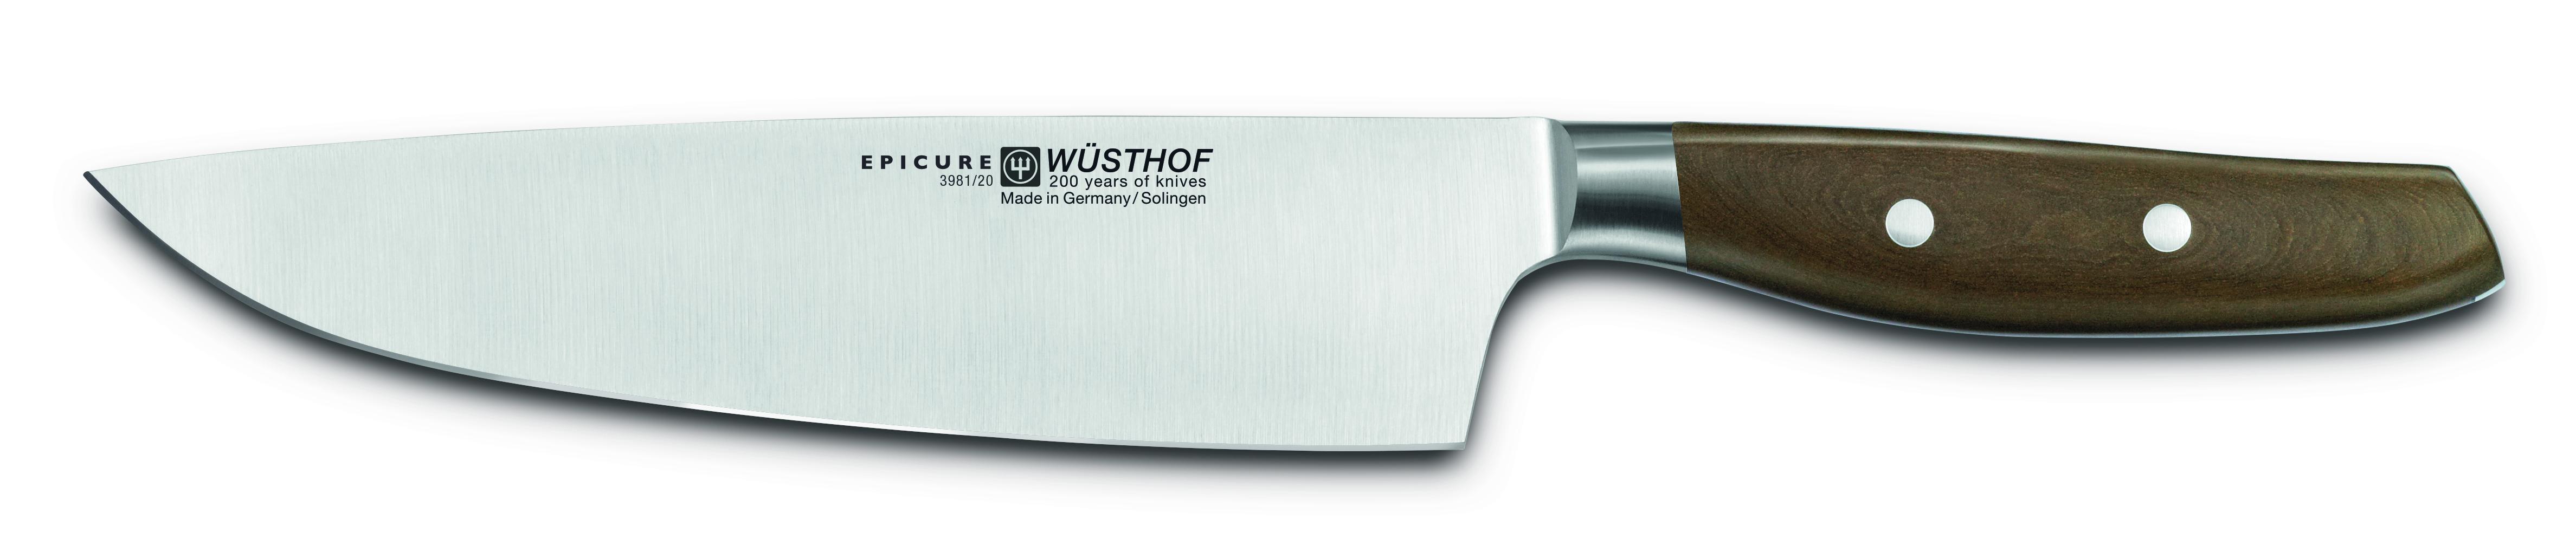 knifeimage.jpg